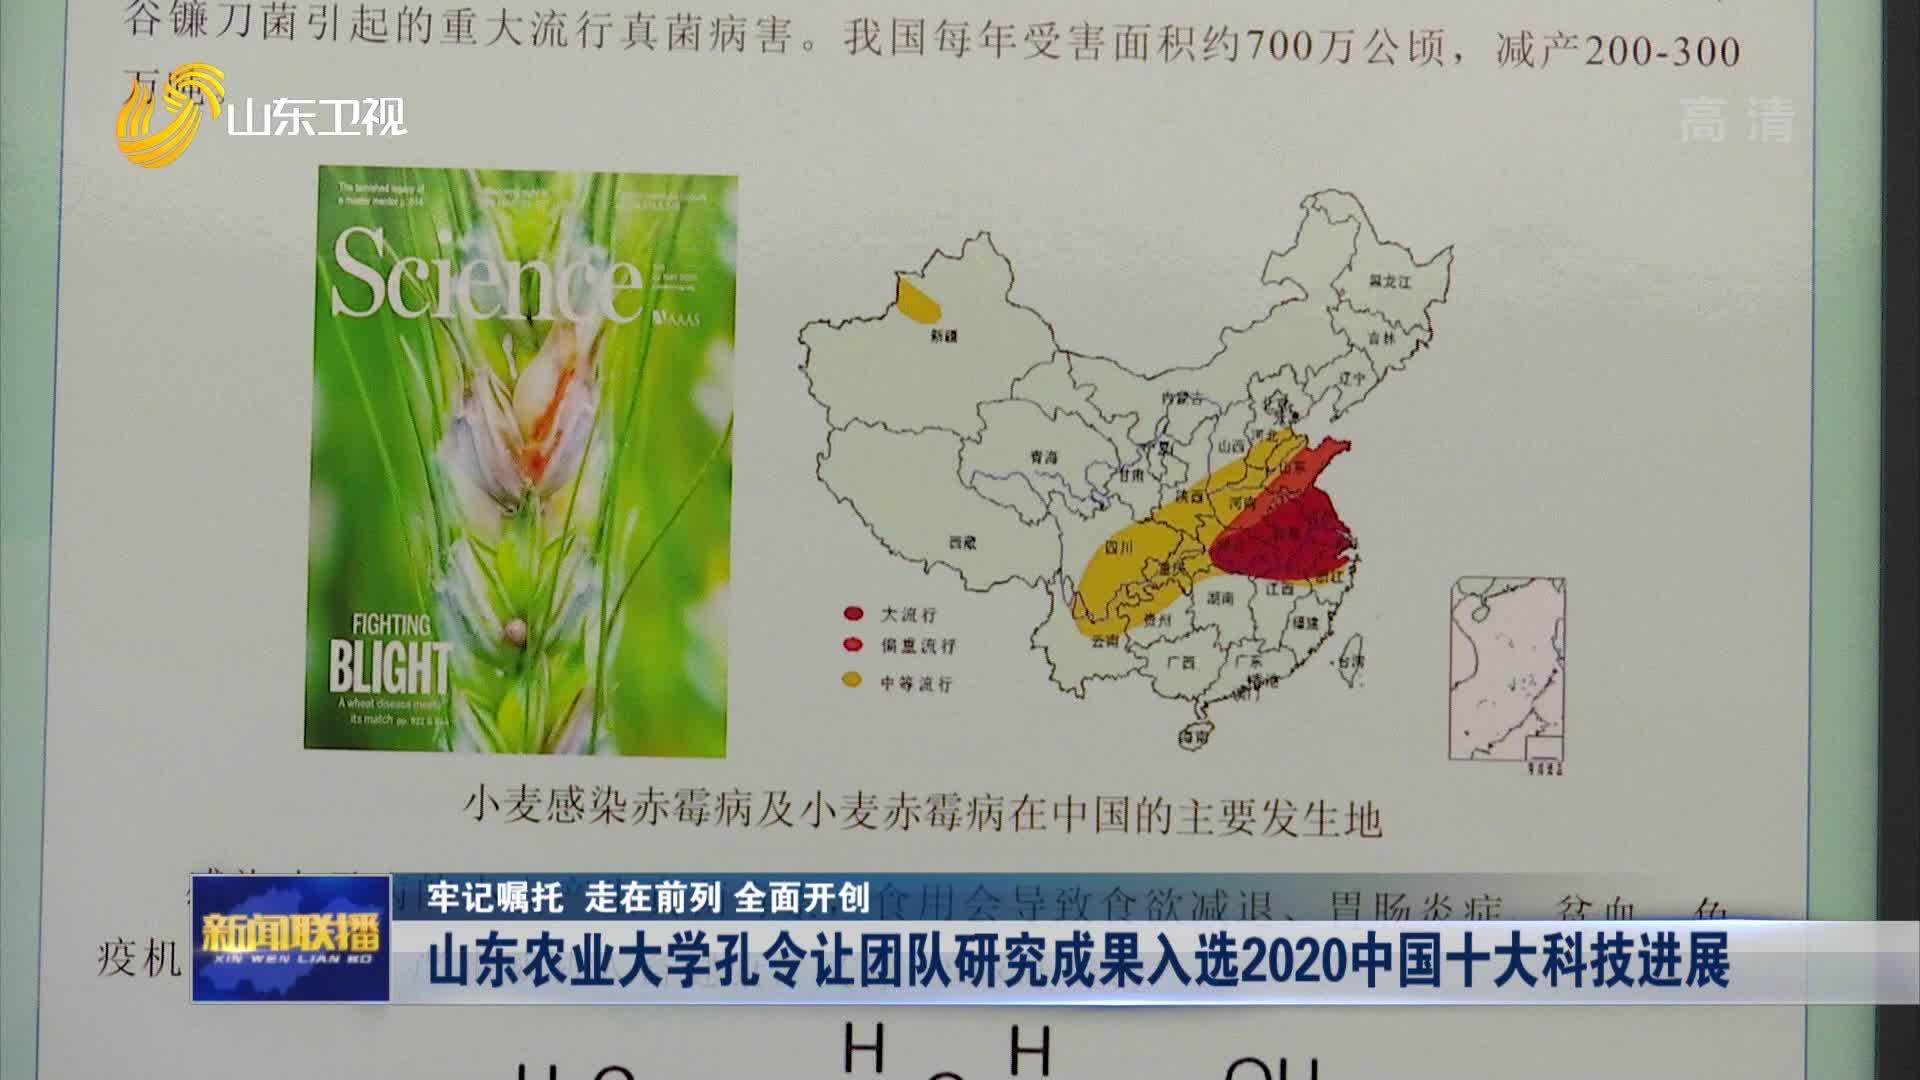 【牢记嘱托 走在前列 全面开创】山东农业大学孔令让团队研究成果入选2020中国十大科技进展